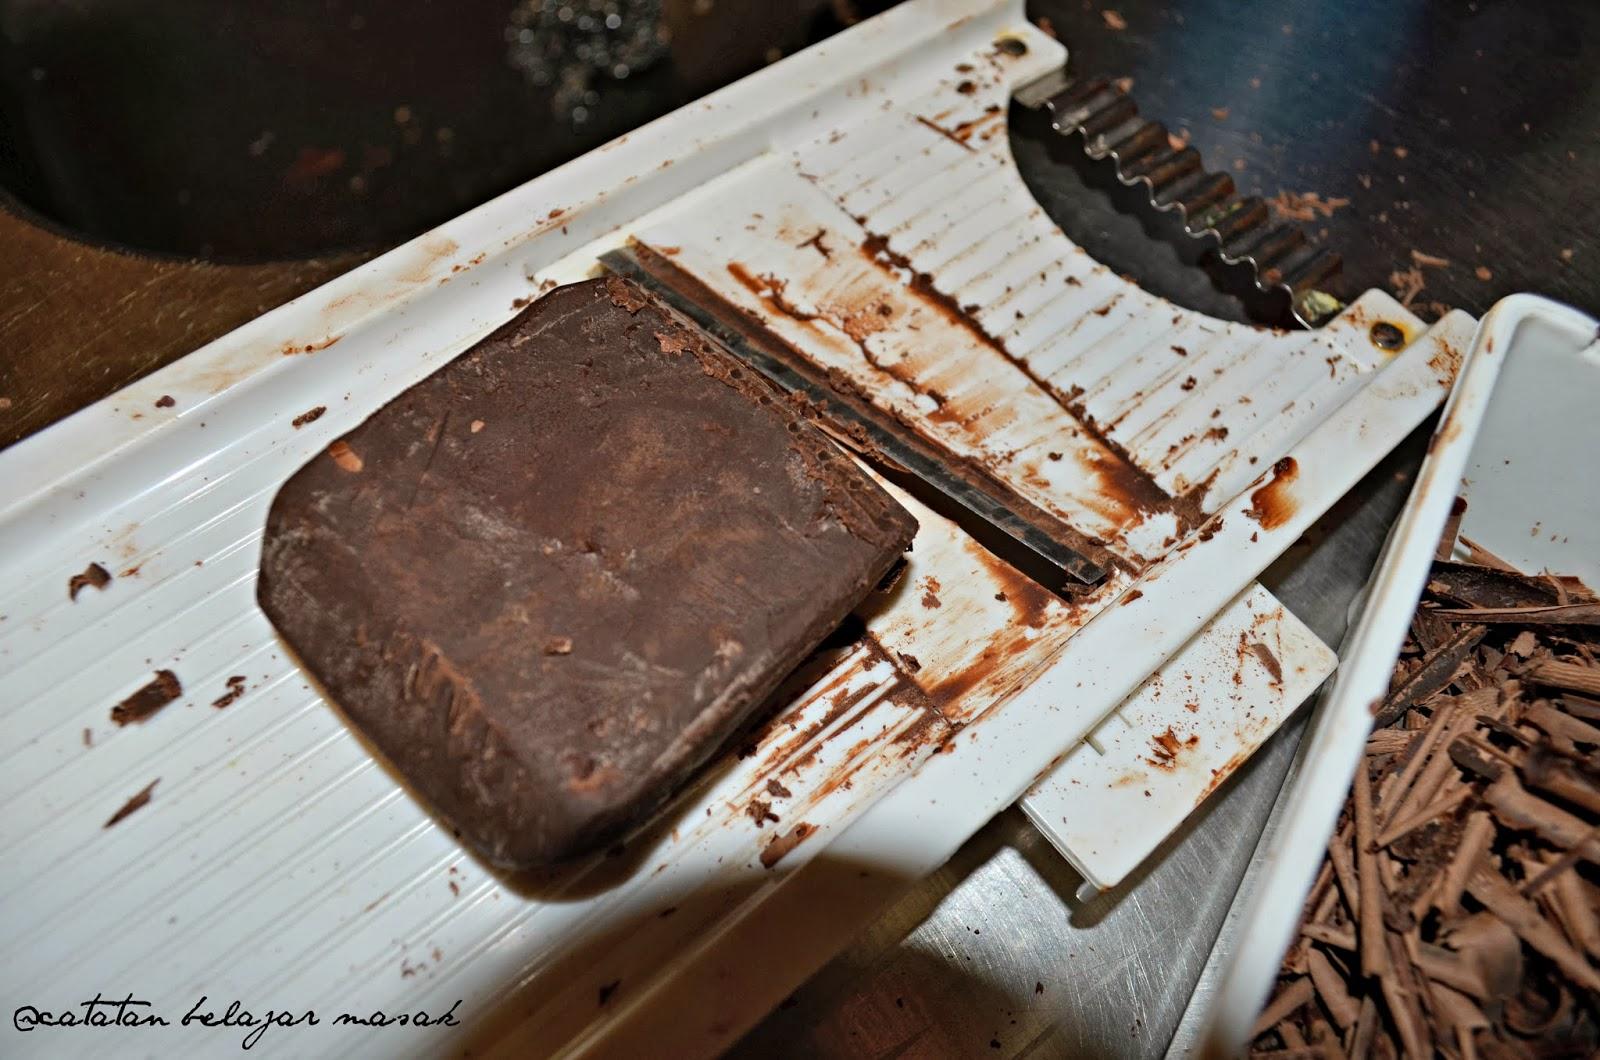 Menyerut Cokelat Batang Sebagai Hiasan Blackforest Cake